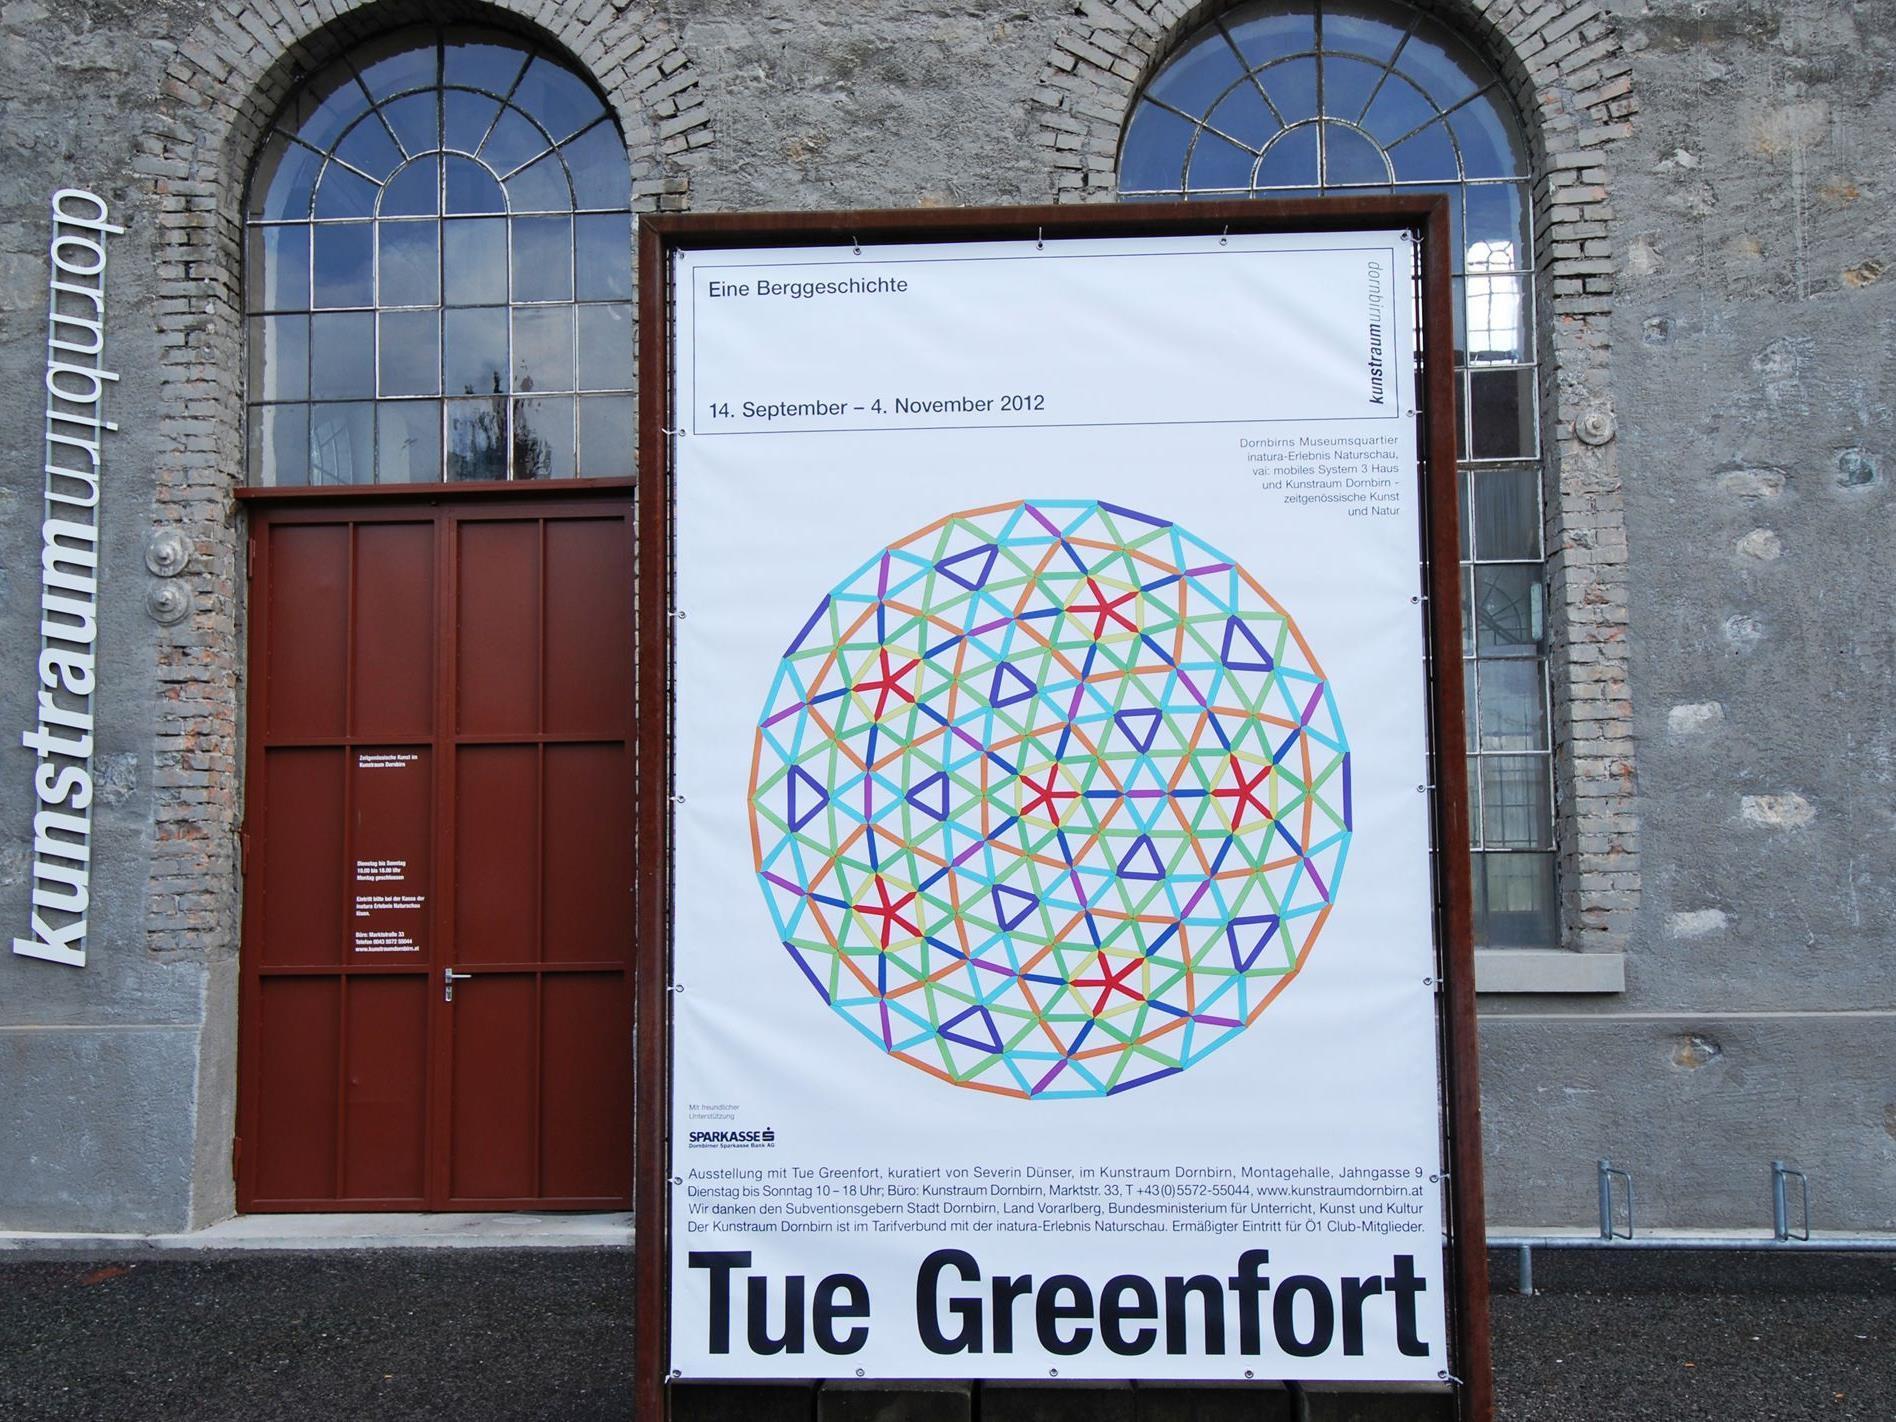 Ausstellung Tue Greenfort im Kunstraum